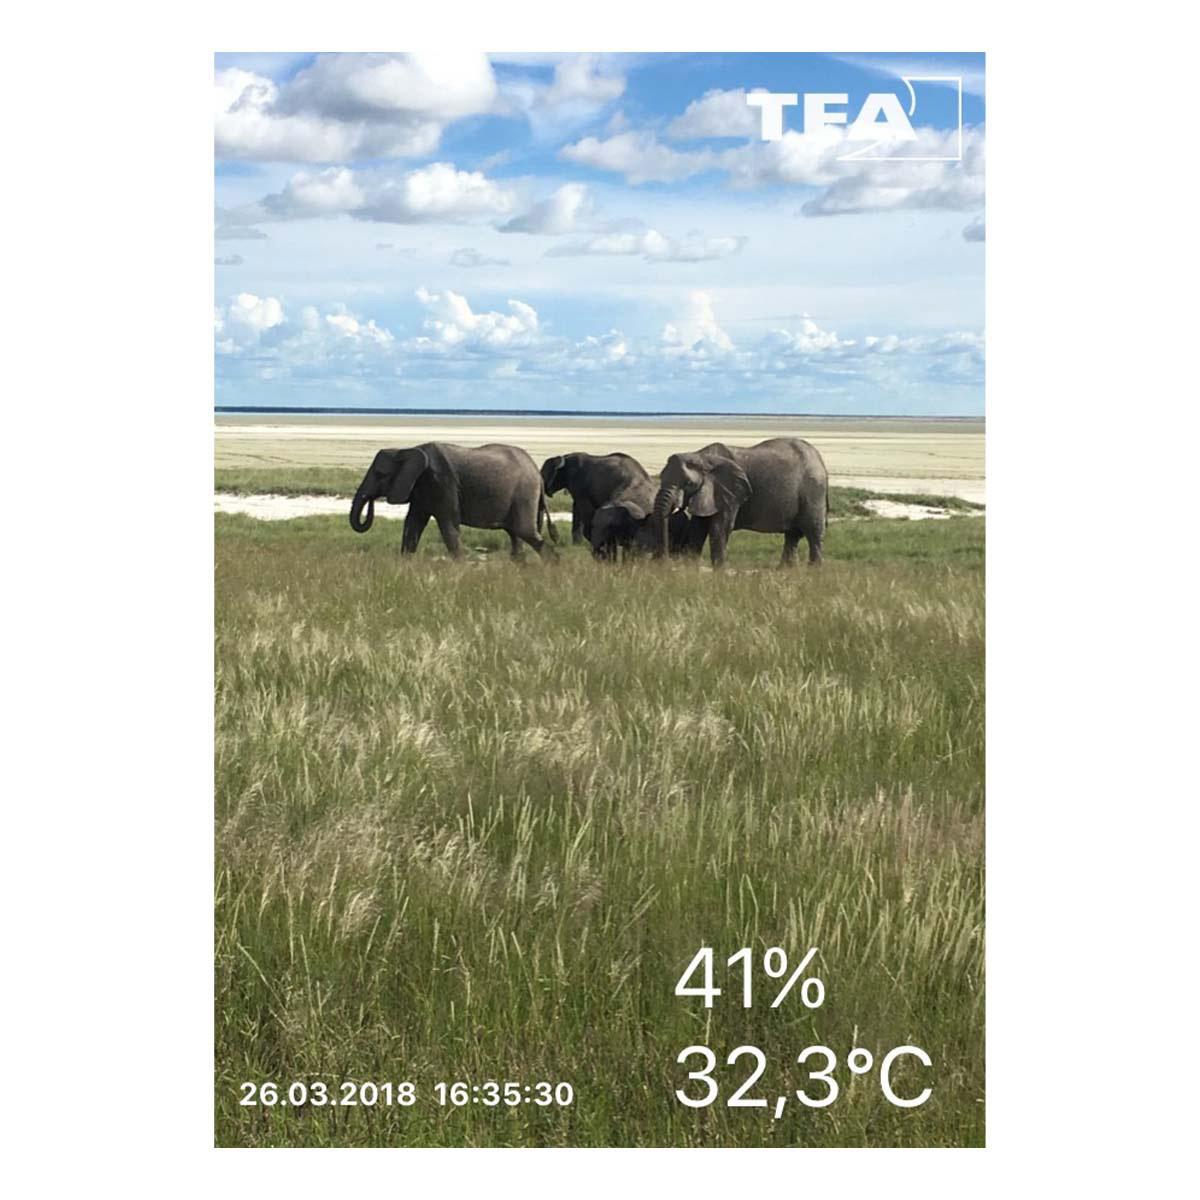 30-5035-02-thermo-hygrometer-für-smartphones-smarthy-app-anwendung5-1200x1200px.jpg